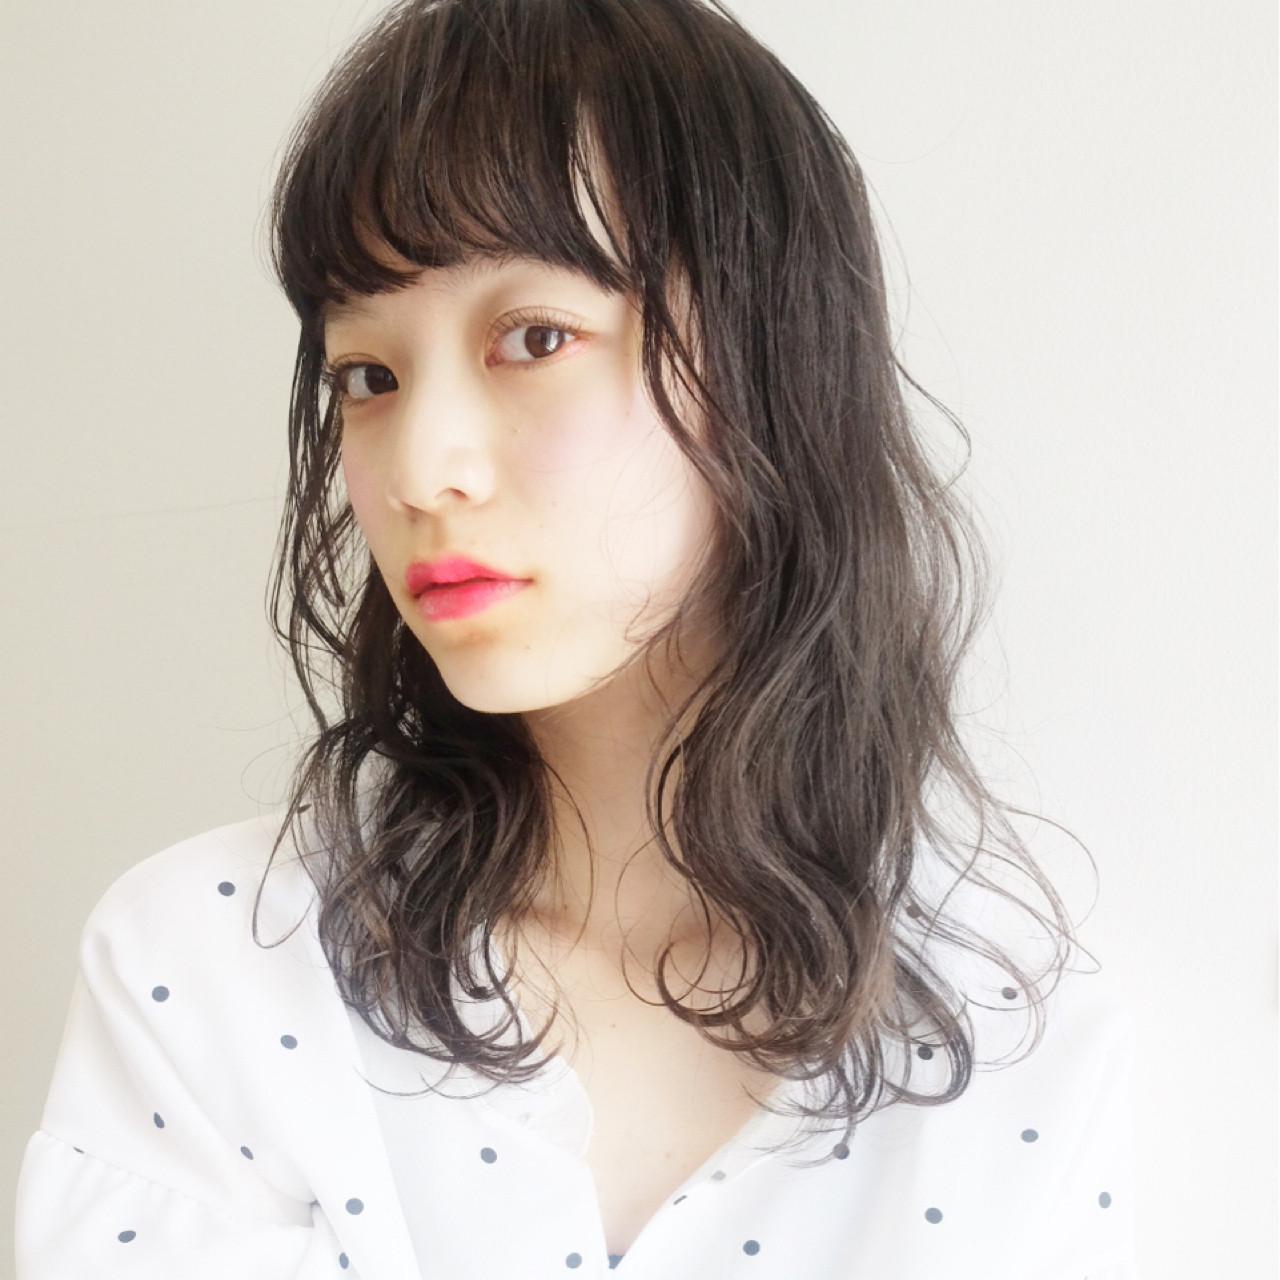 ヘアアレンジ ナチュラル セミロング アッシュグレージュ ヘアスタイルや髪型の写真・画像